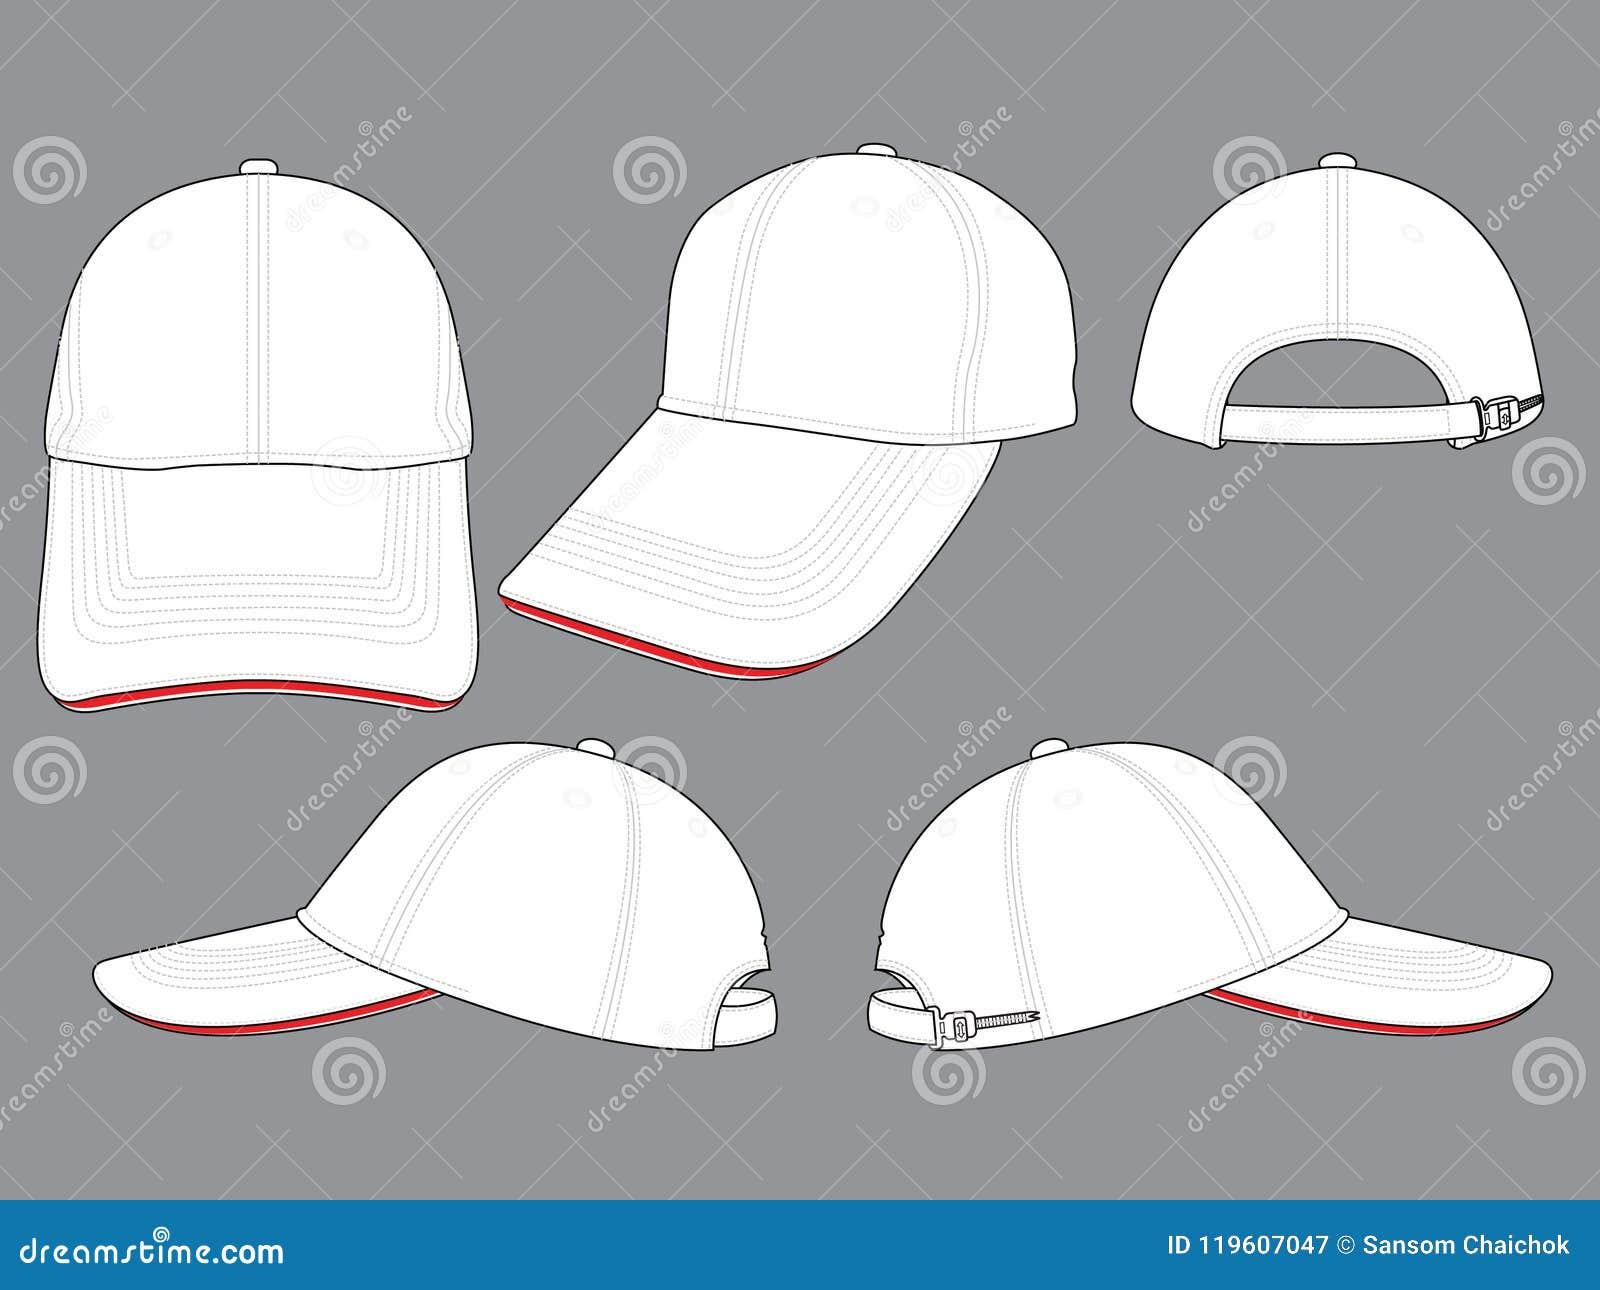 baseball cap for template stock illustration illustration of